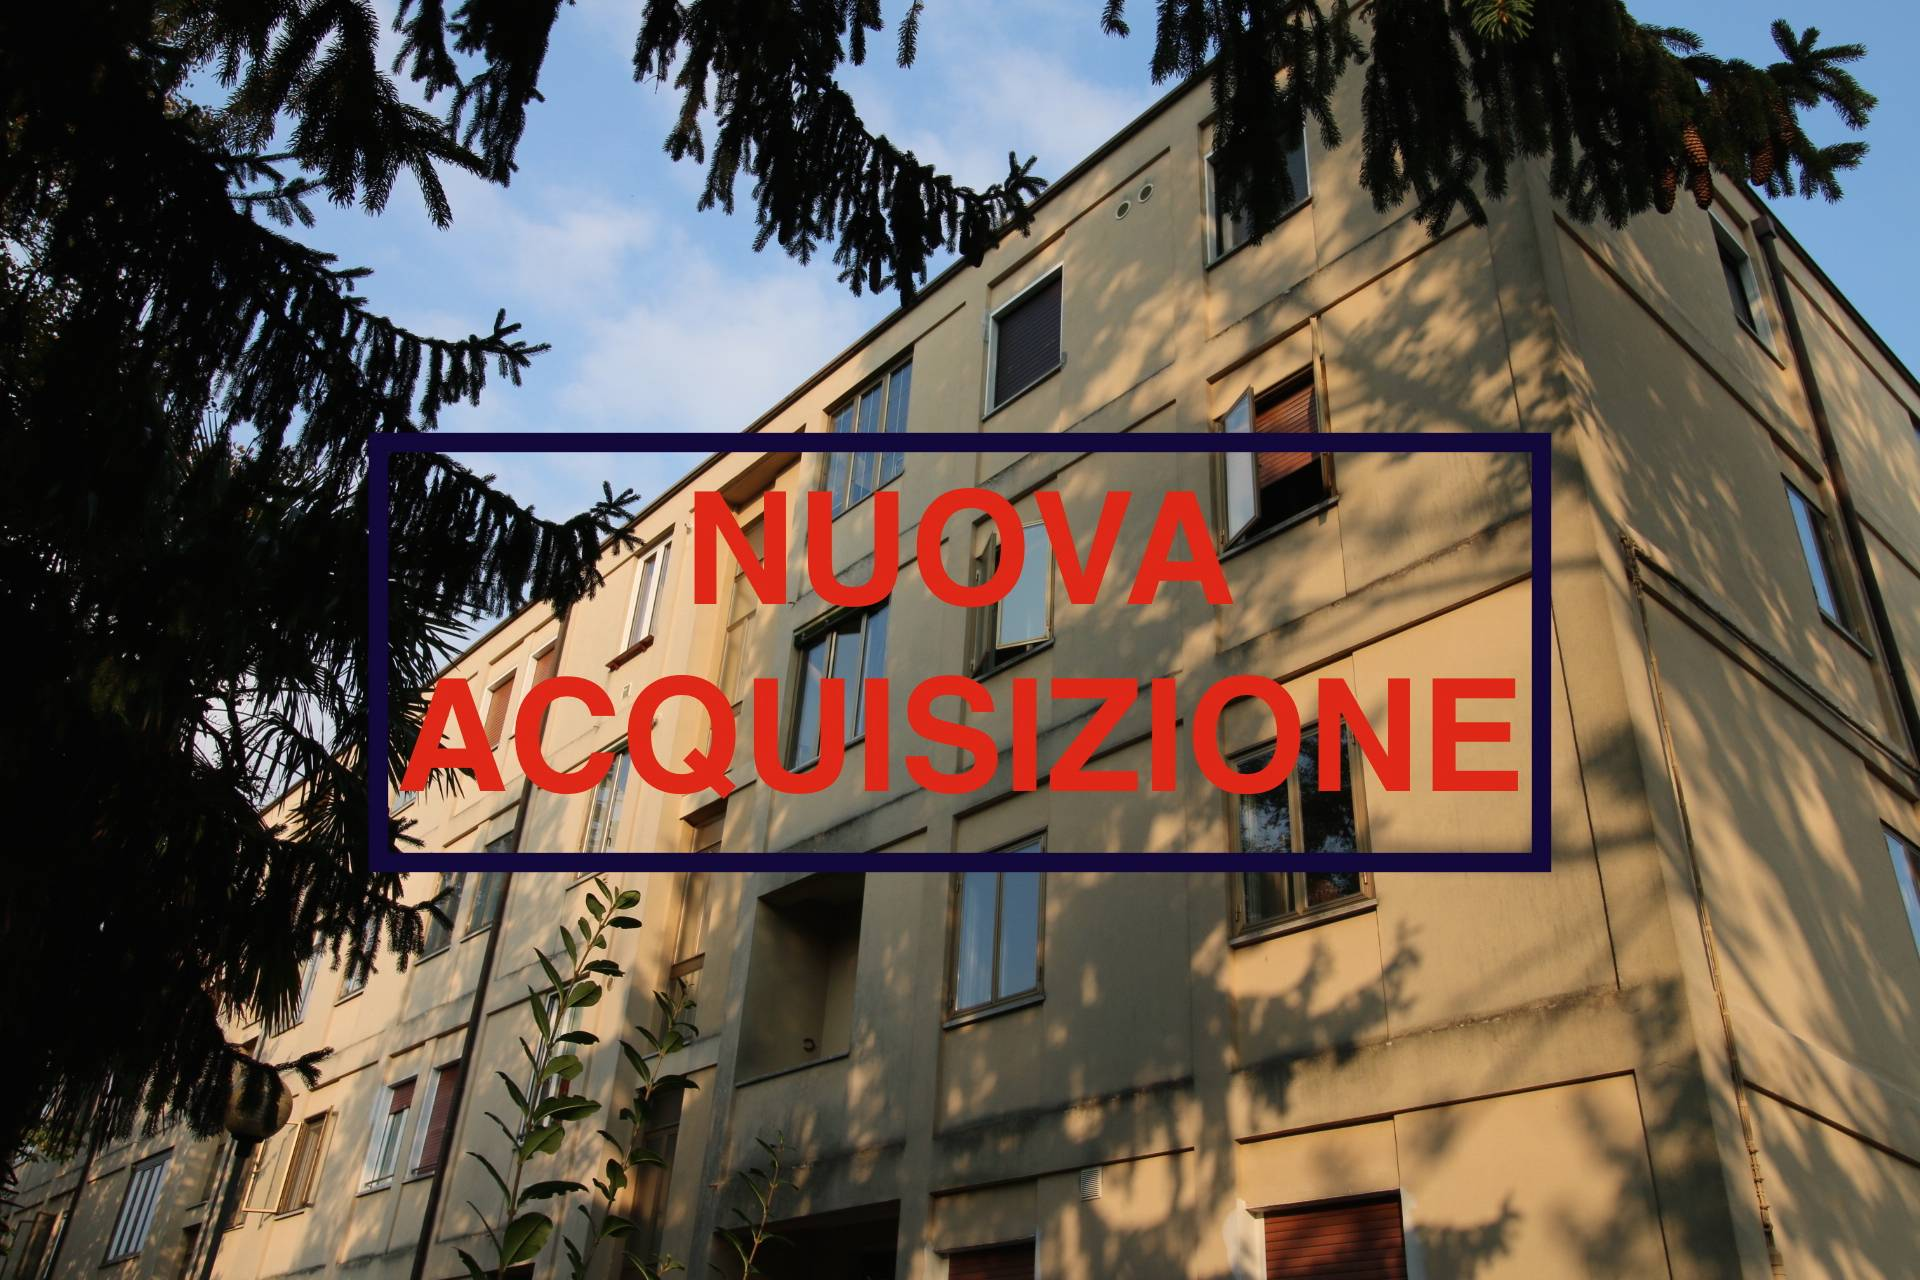 Appartamento in vendita a Gorizia, 4 locali, prezzo € 46.000 | CambioCasa.it